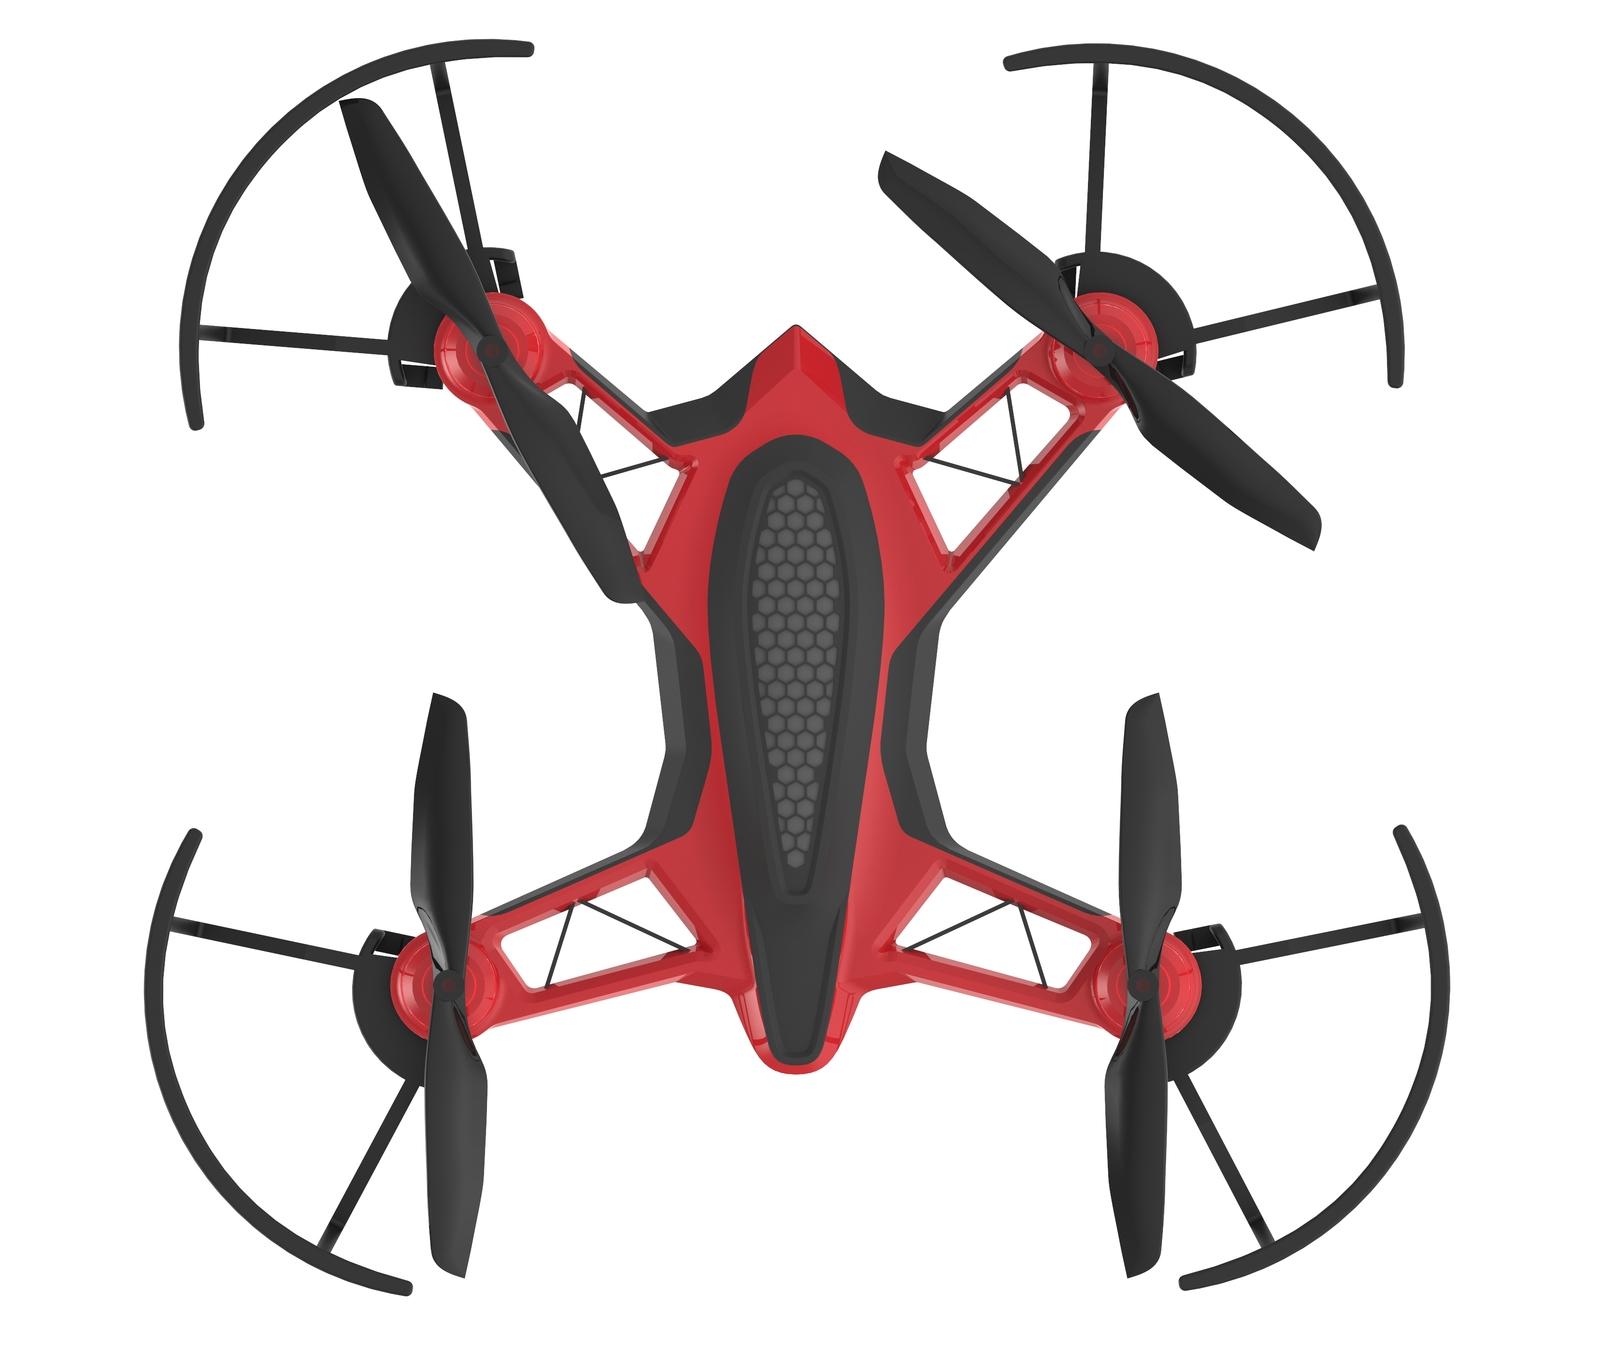 Nikko: R/C Mini Drone - Red image